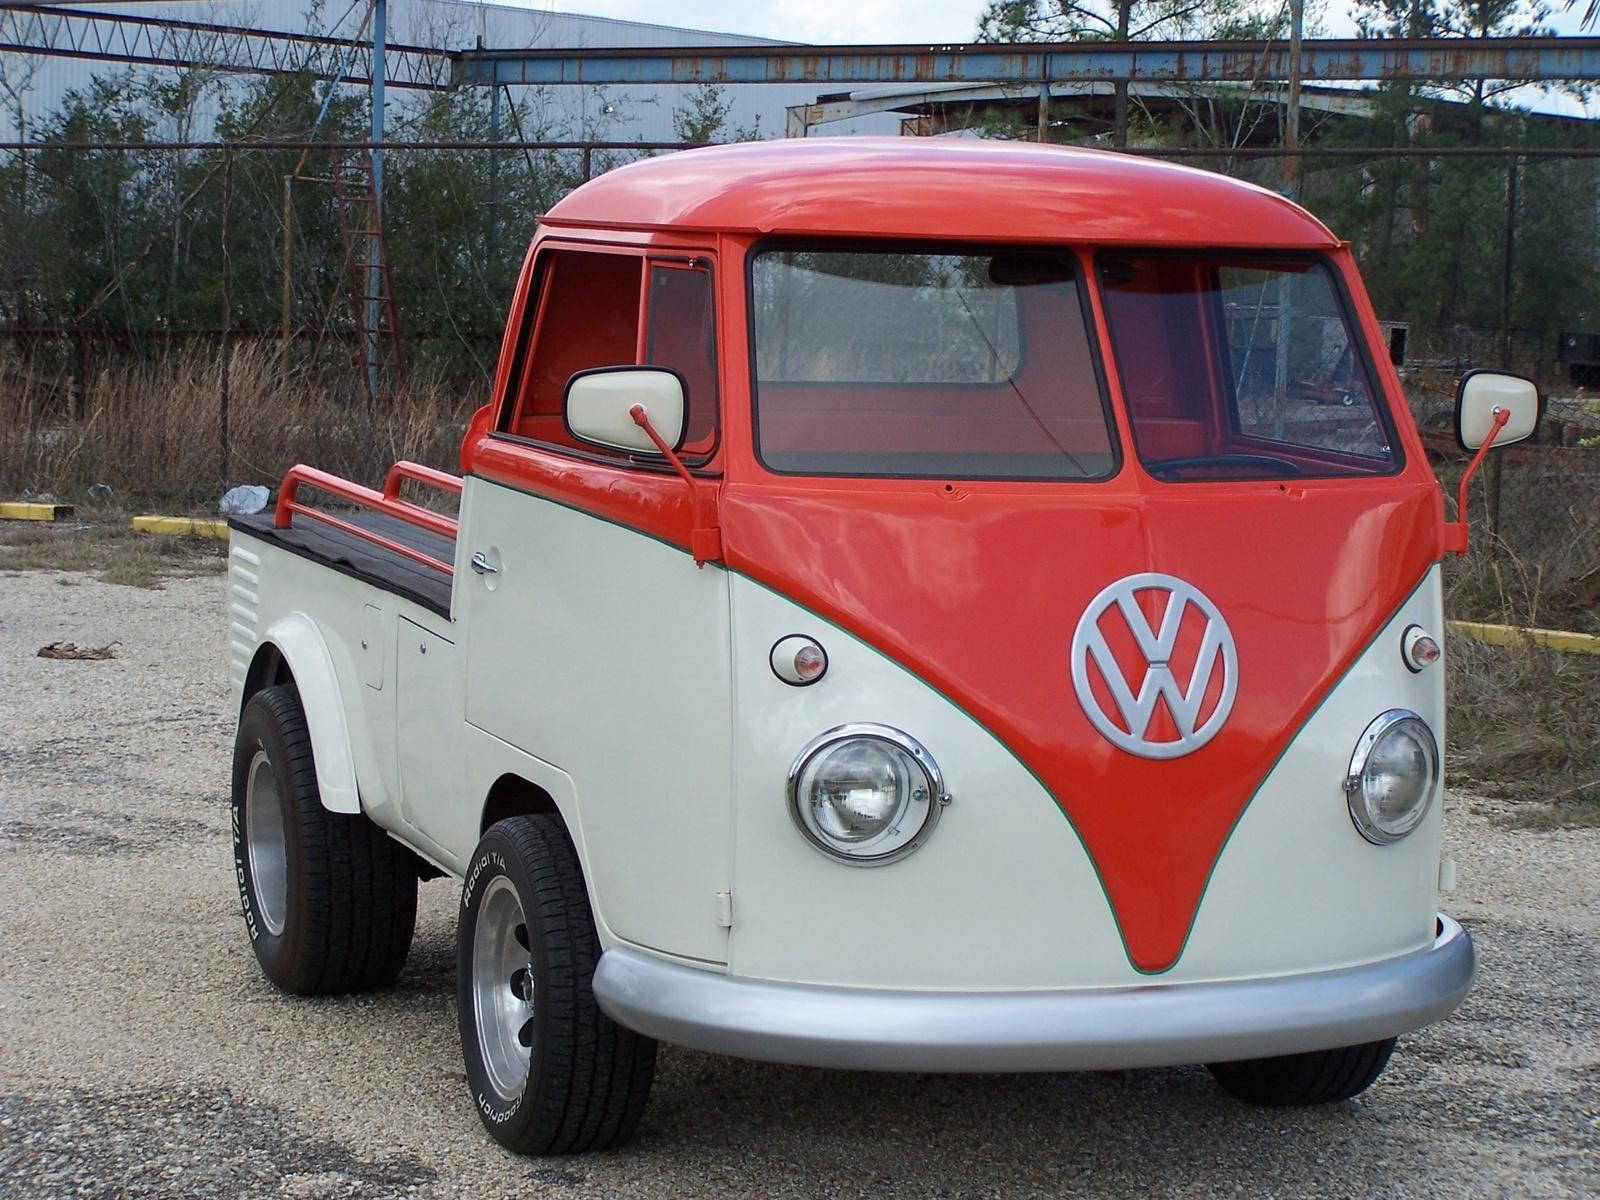 1961 Volkswagen Variant - Overview - CarGurus